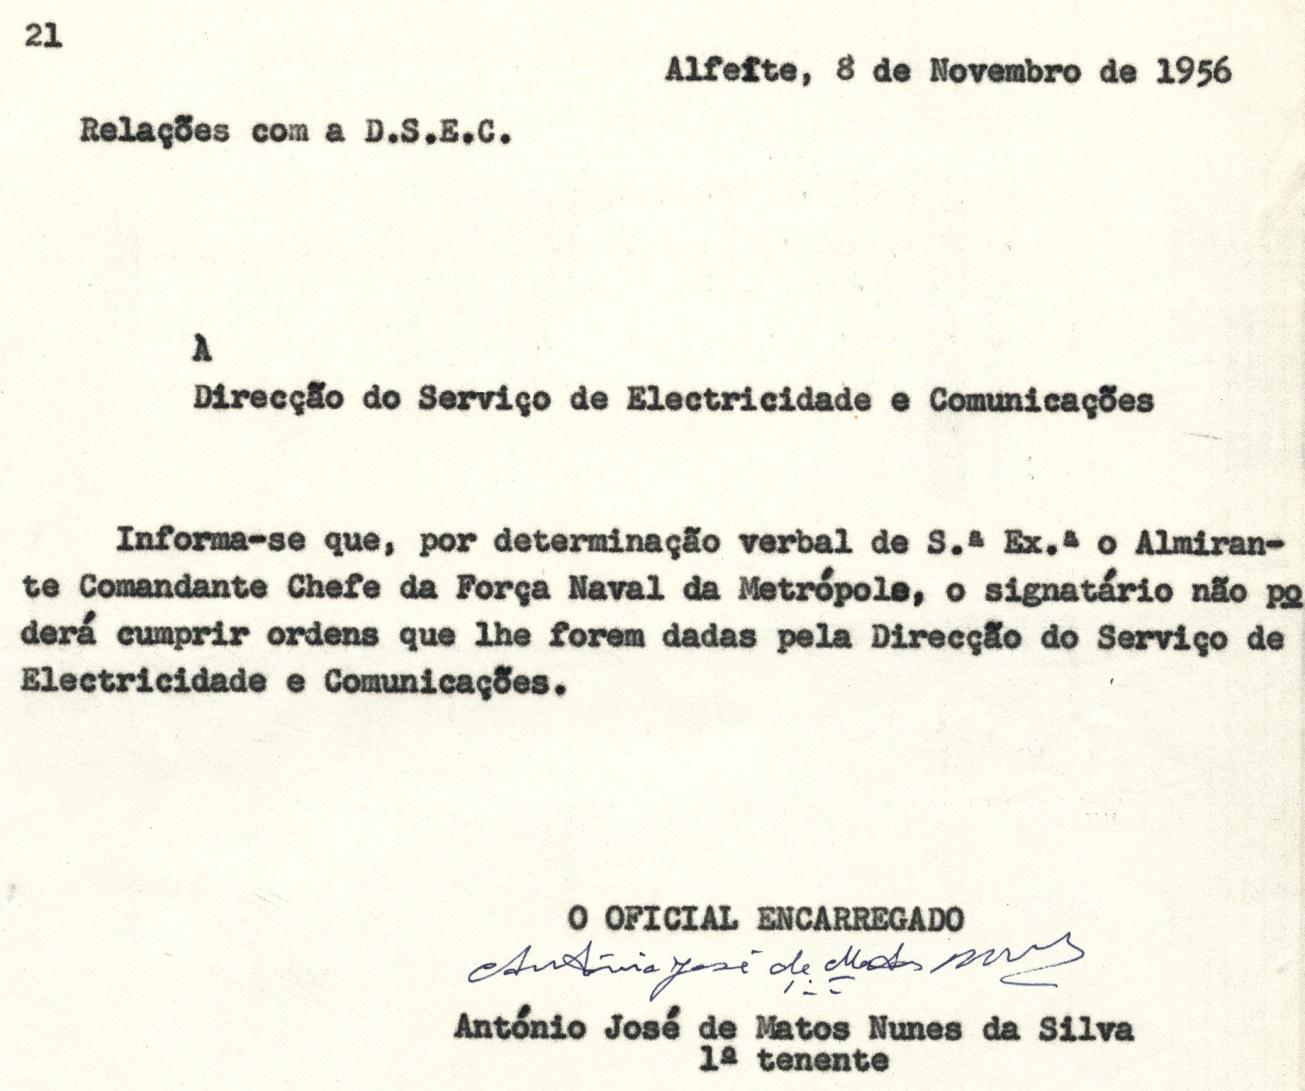 00300 956-11-08 nota a DSEC comunicando ordens de Almirante